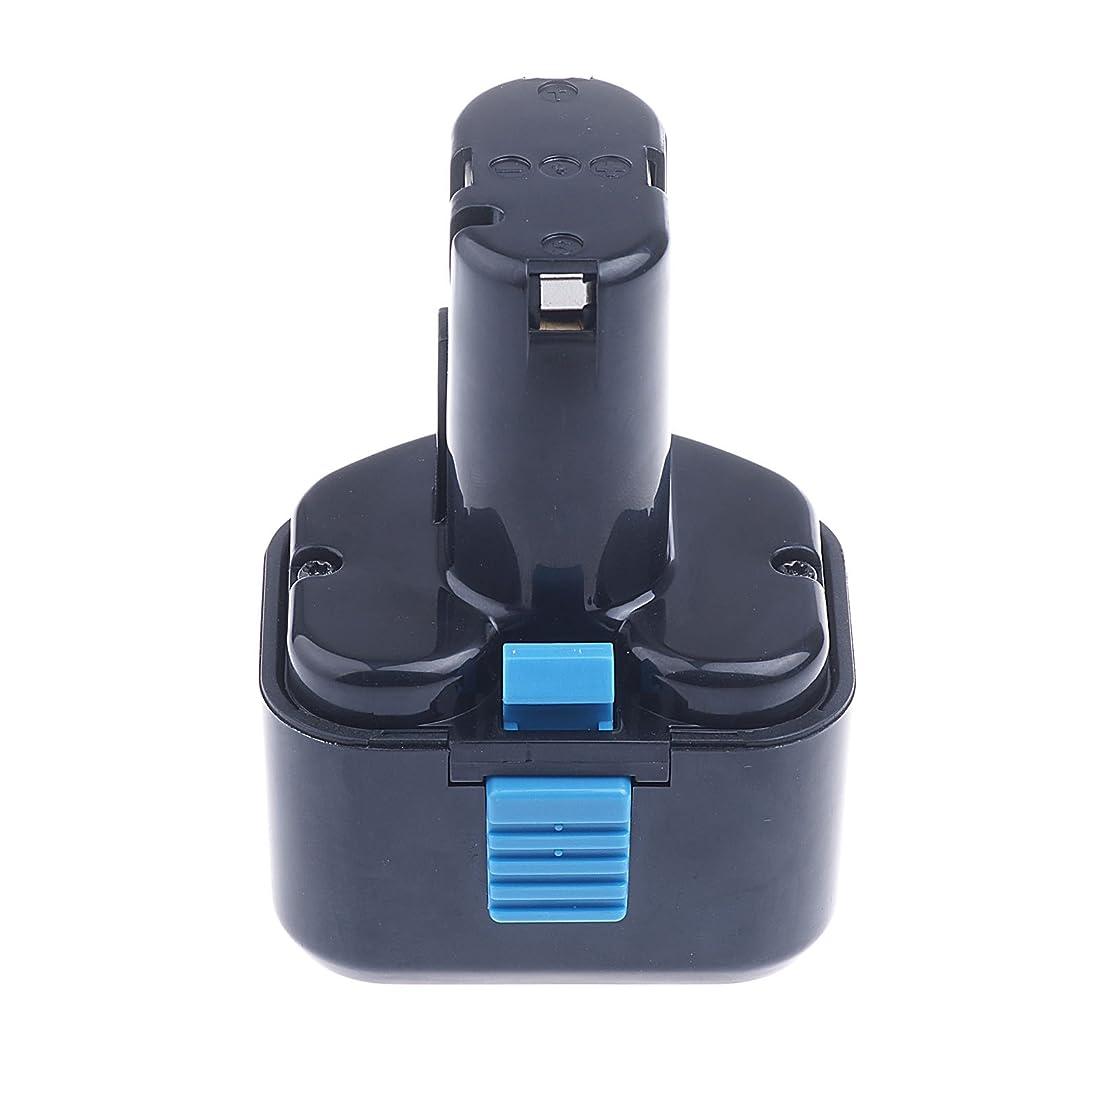 衣装フィルタまぶしさPowerSmart 日立 eb920rs,、eb930r、eb930h、eb920hs、eb926h,EB 9H互換充電池Ni-MH,9.6V,2Ah